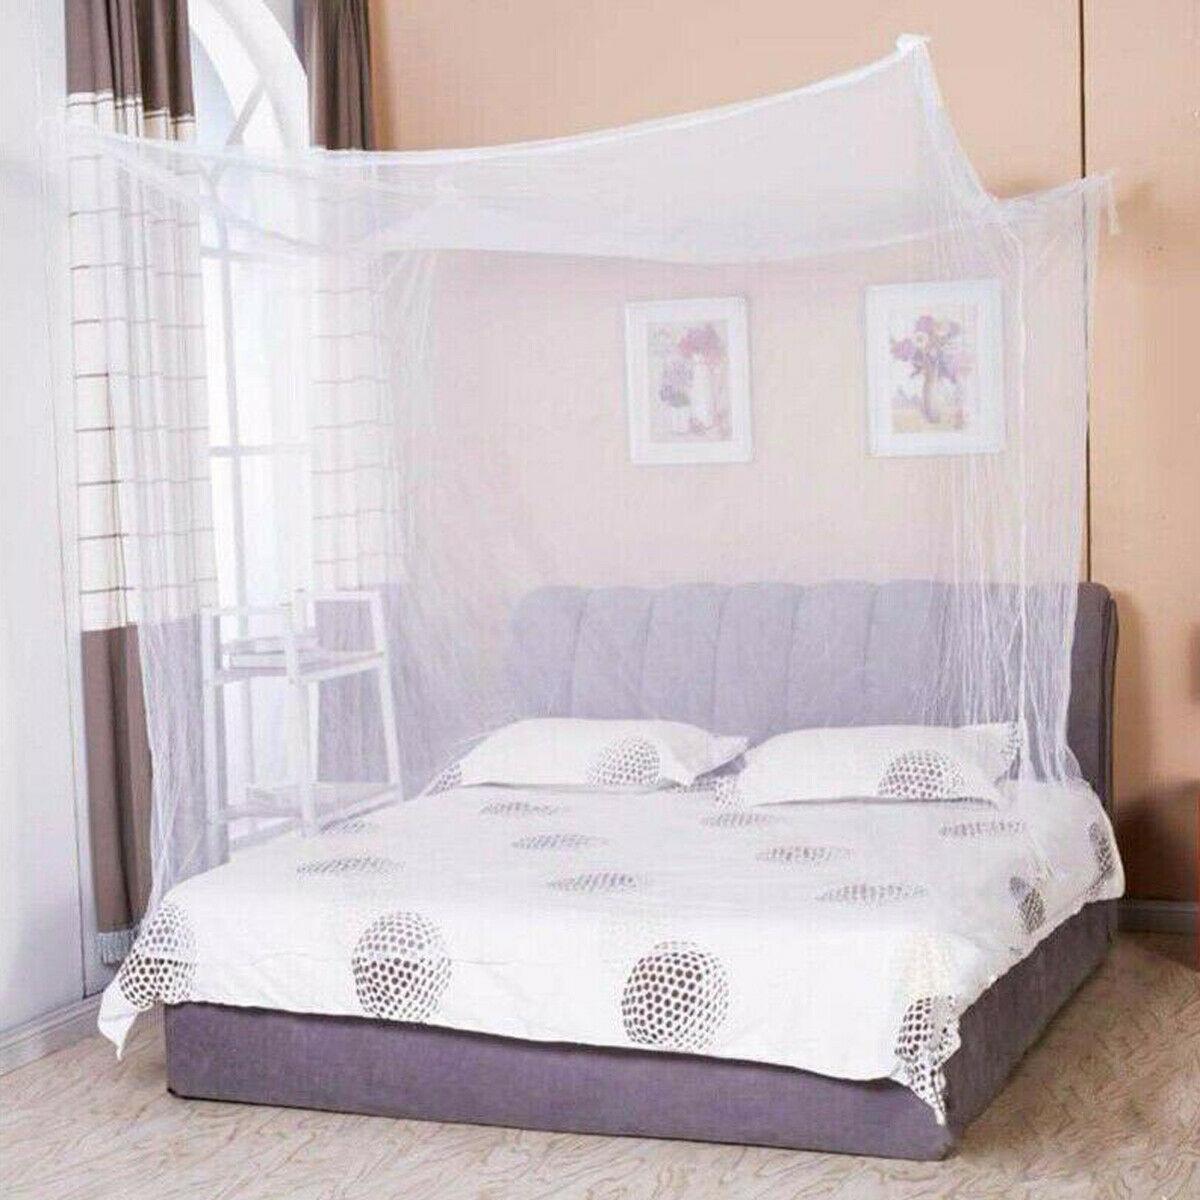 Dosel para Cuna o cama de beb/é pinzas de fijaci/ón